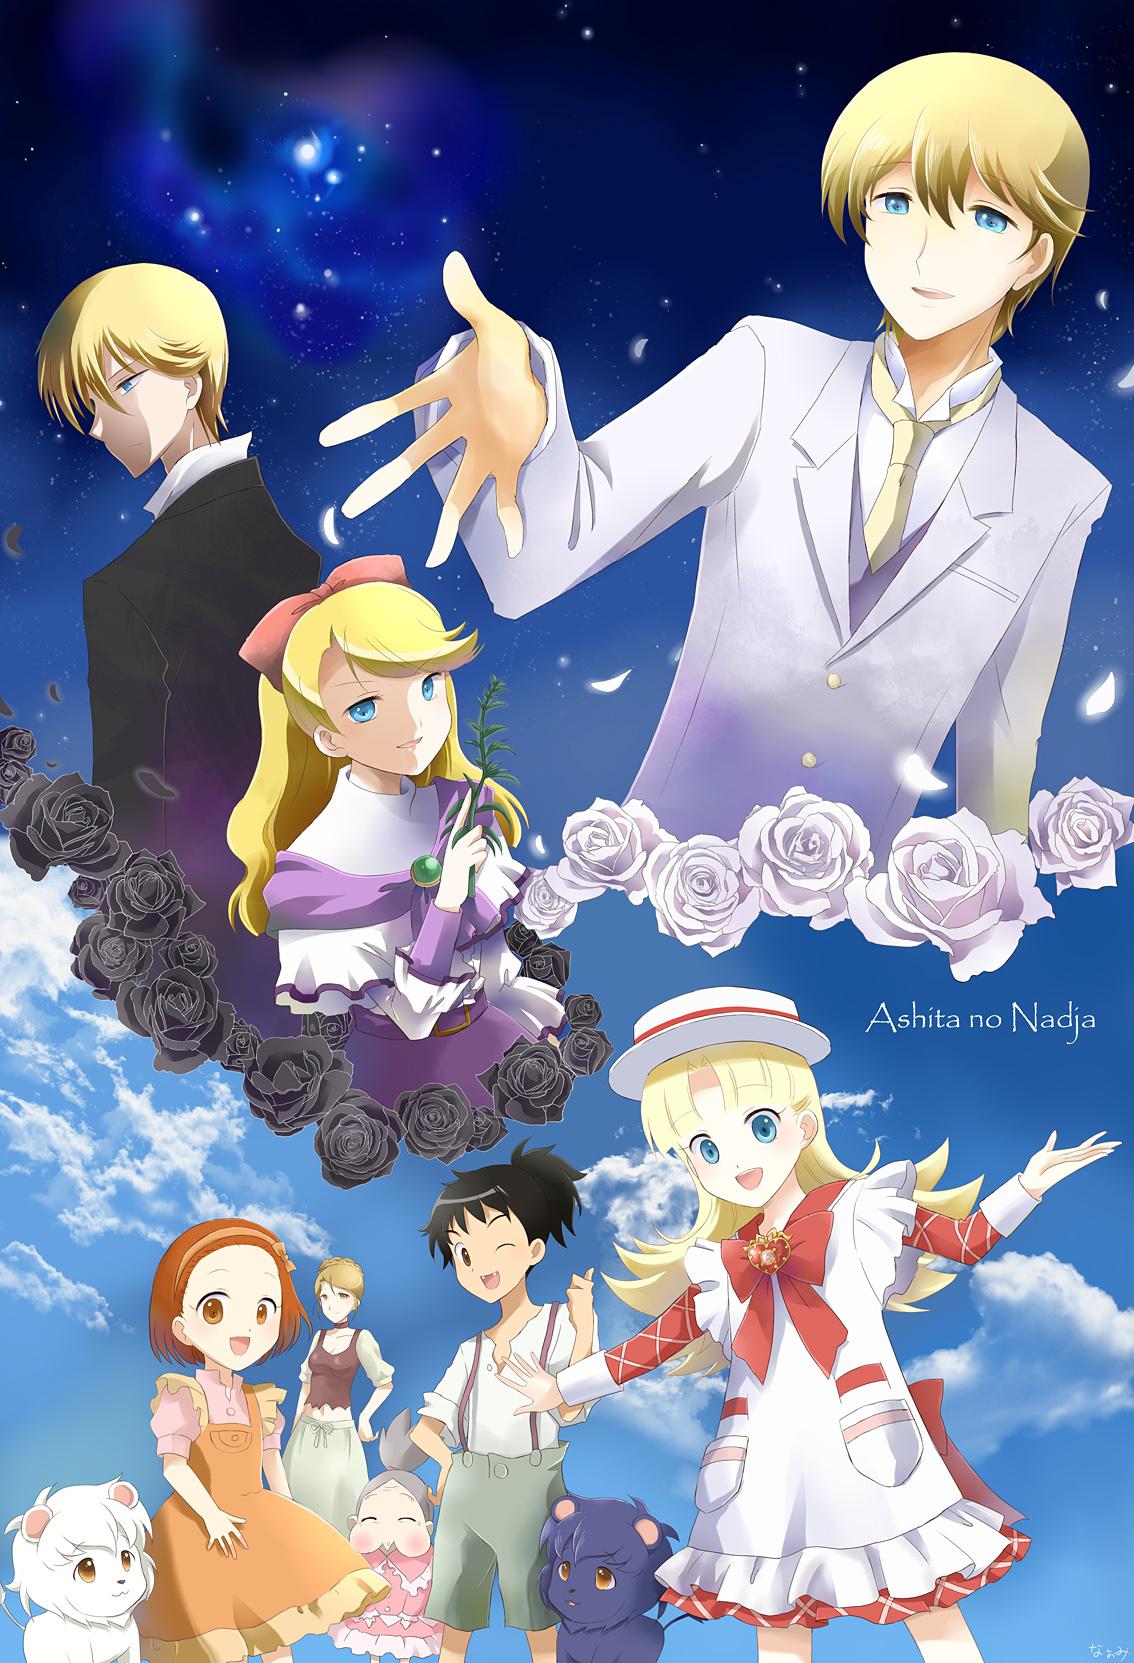 Anime - Ashita no Nadja Ashita.no.Nadja.full.1044596